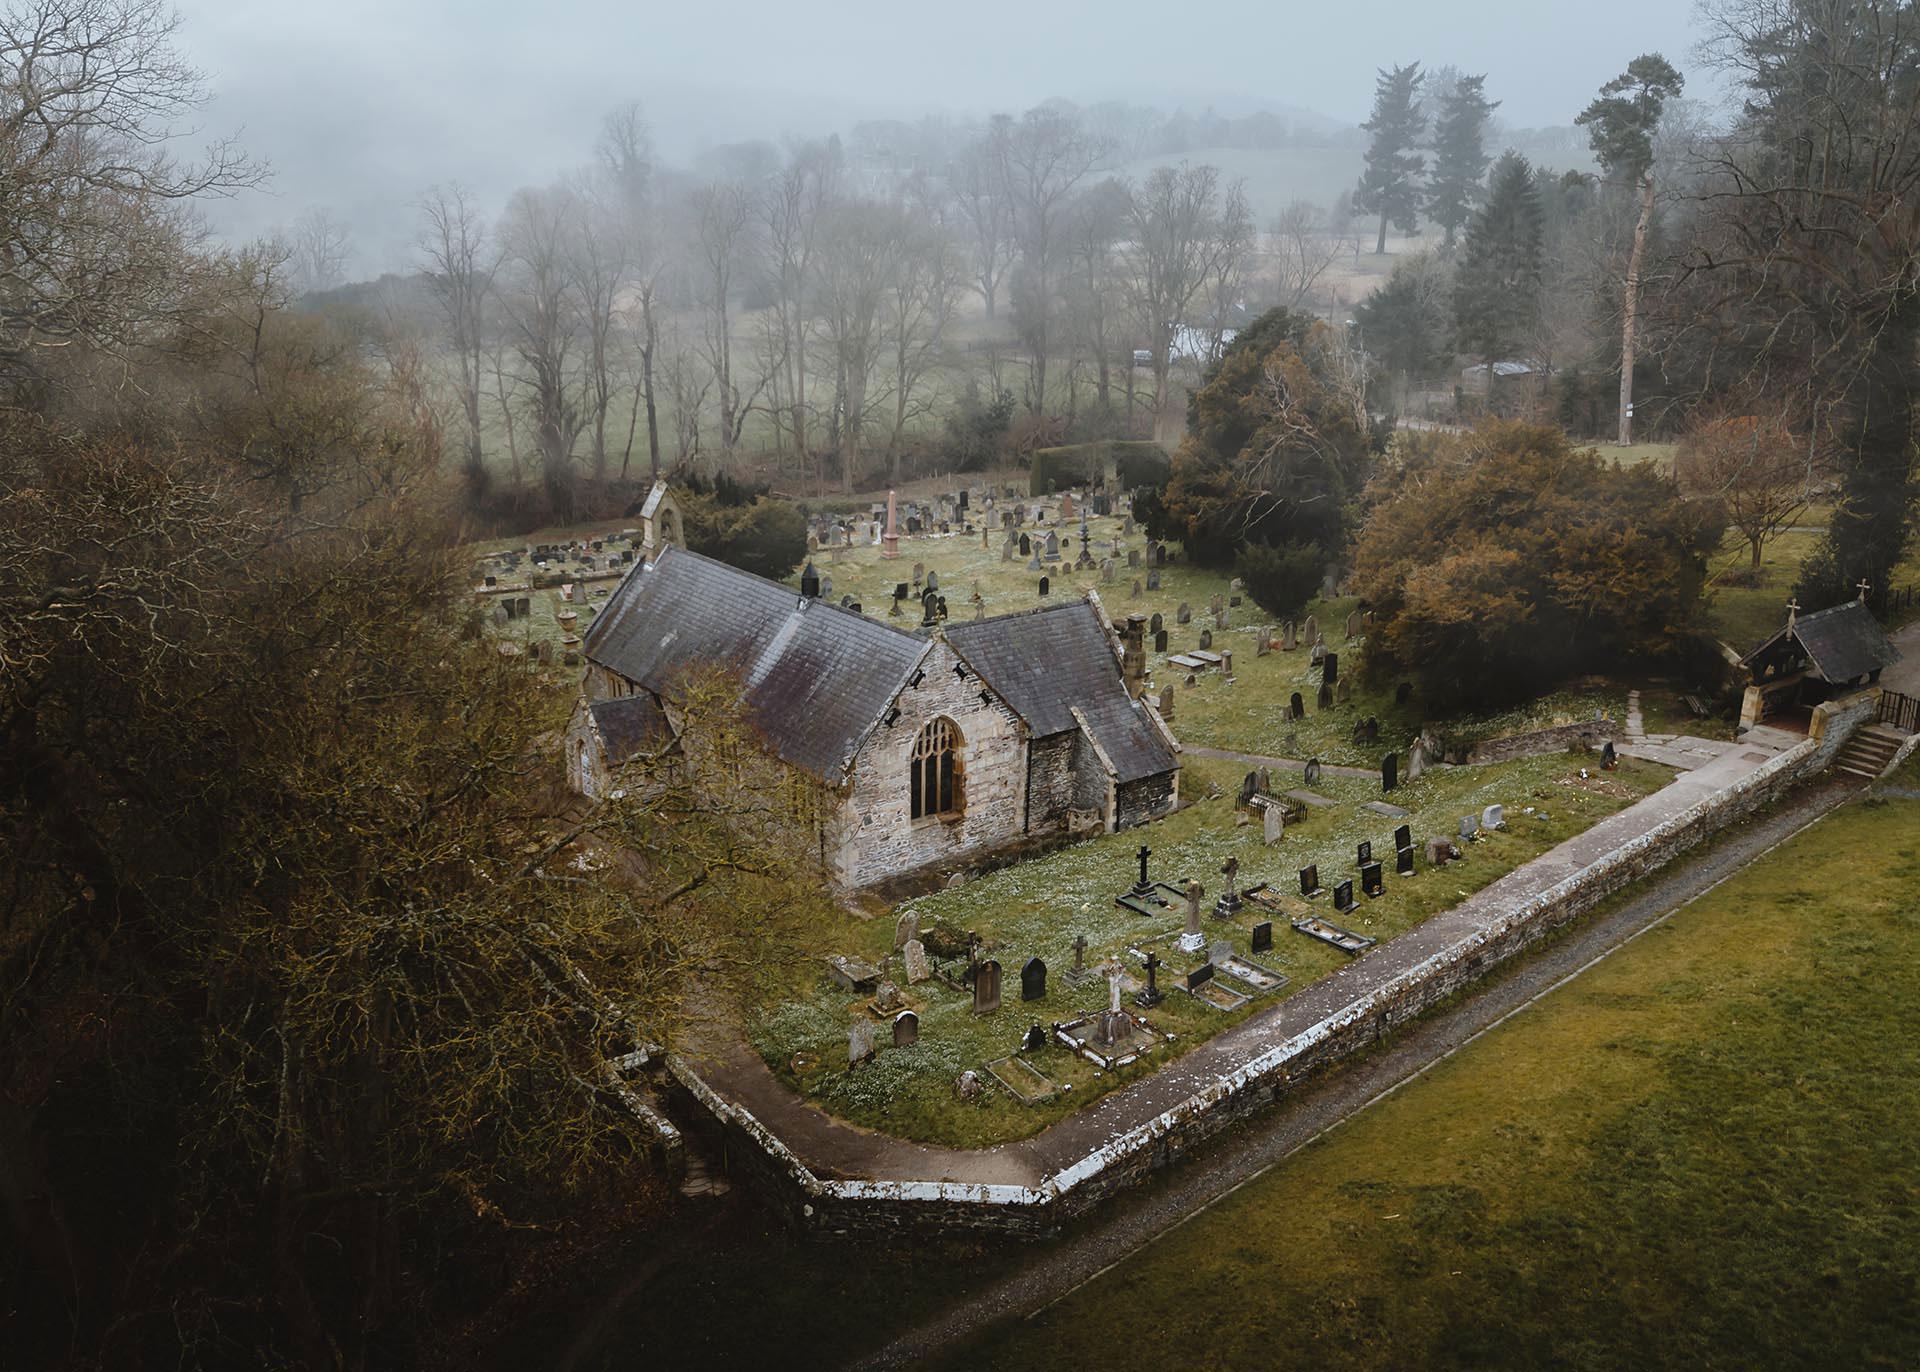 Yr Eglwys yn Llantysilio / The Church at Llantysilio